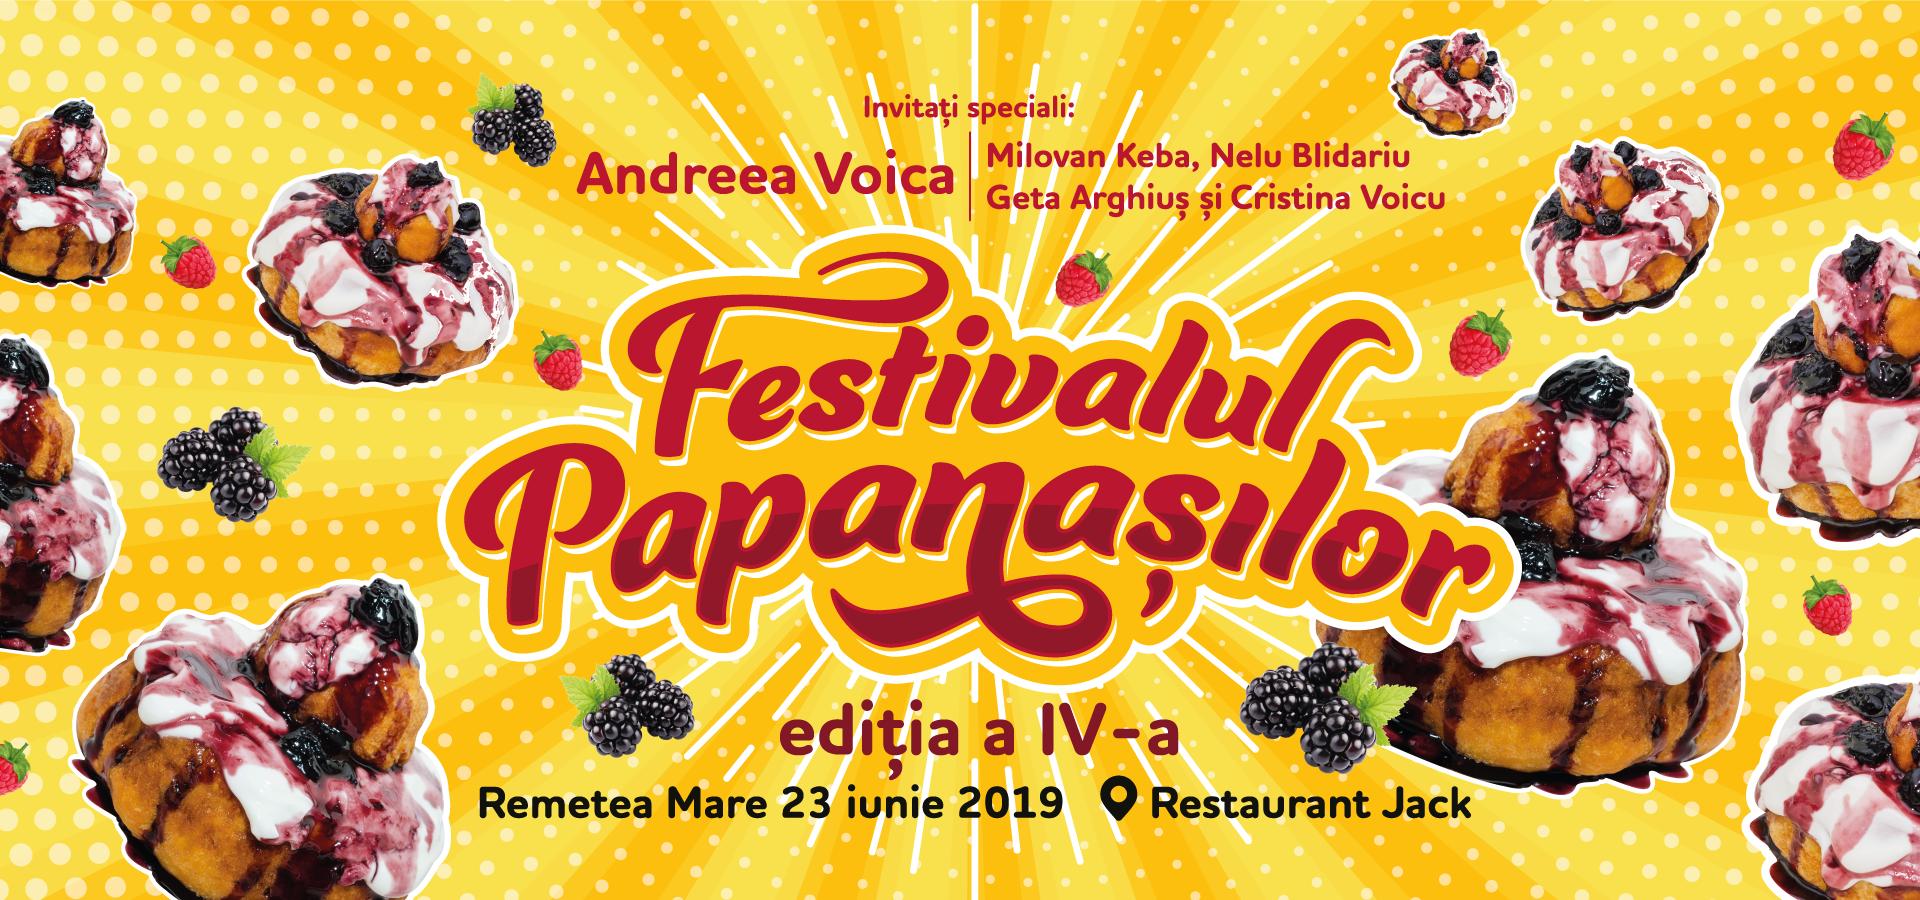 Rezervă bilet la Festivalul Papanașilor